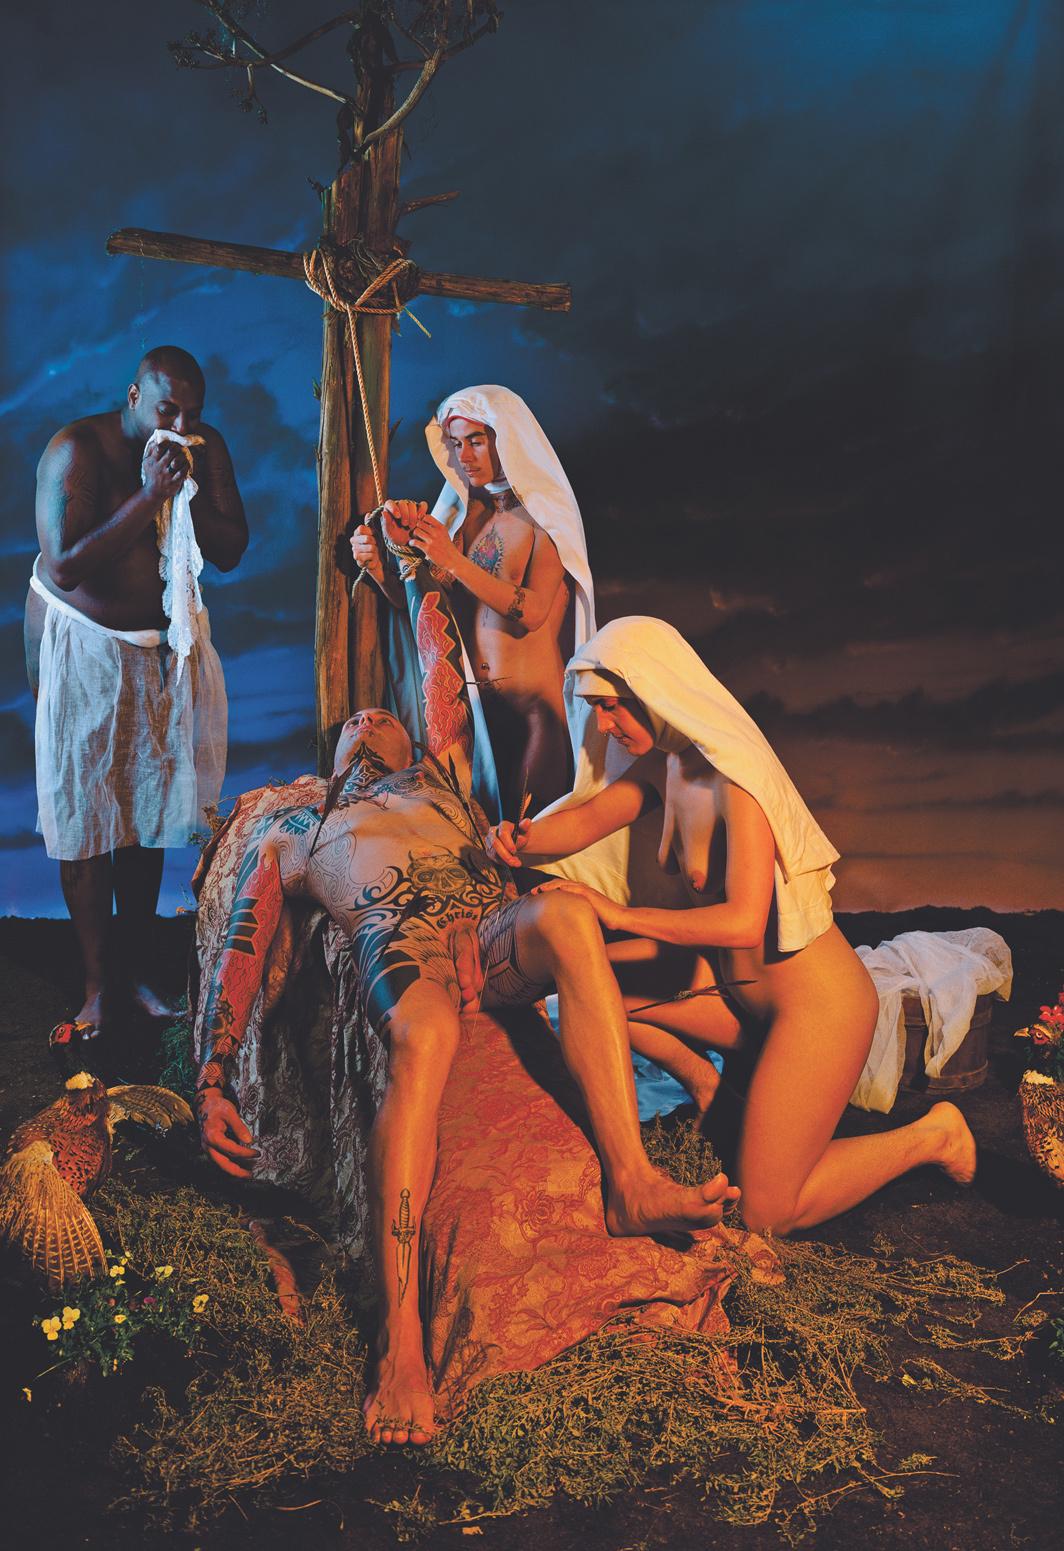 Catherine Opie, Saints, 1995, C-print, 60 × 40